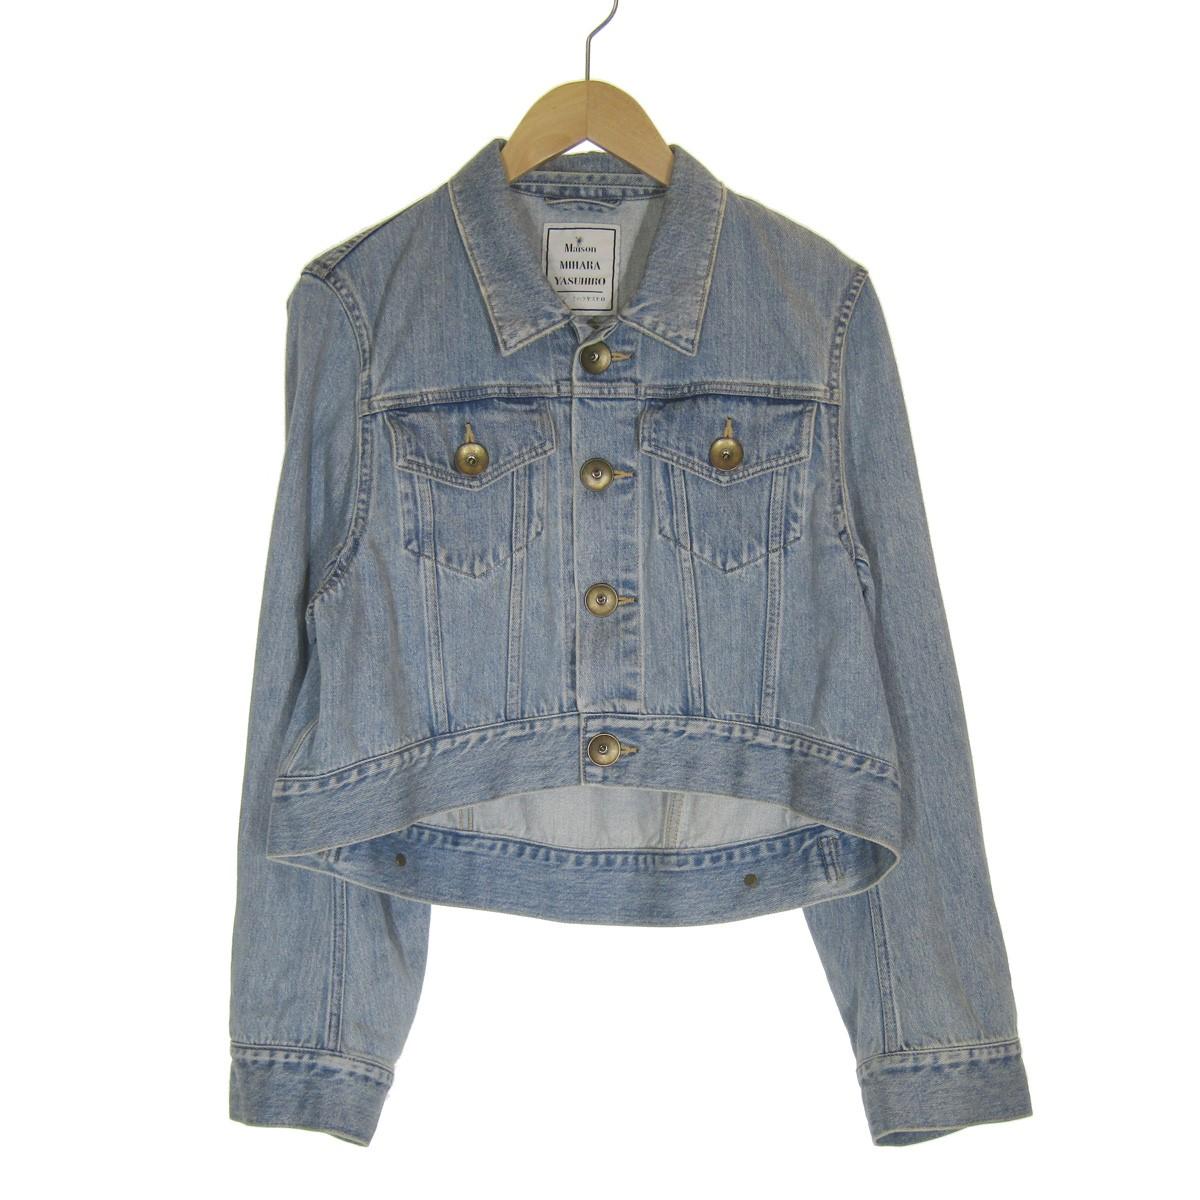 【中古】MAISON MIHARA YASUHIROオーバーデニムジャケット ブルー サイズ:Free